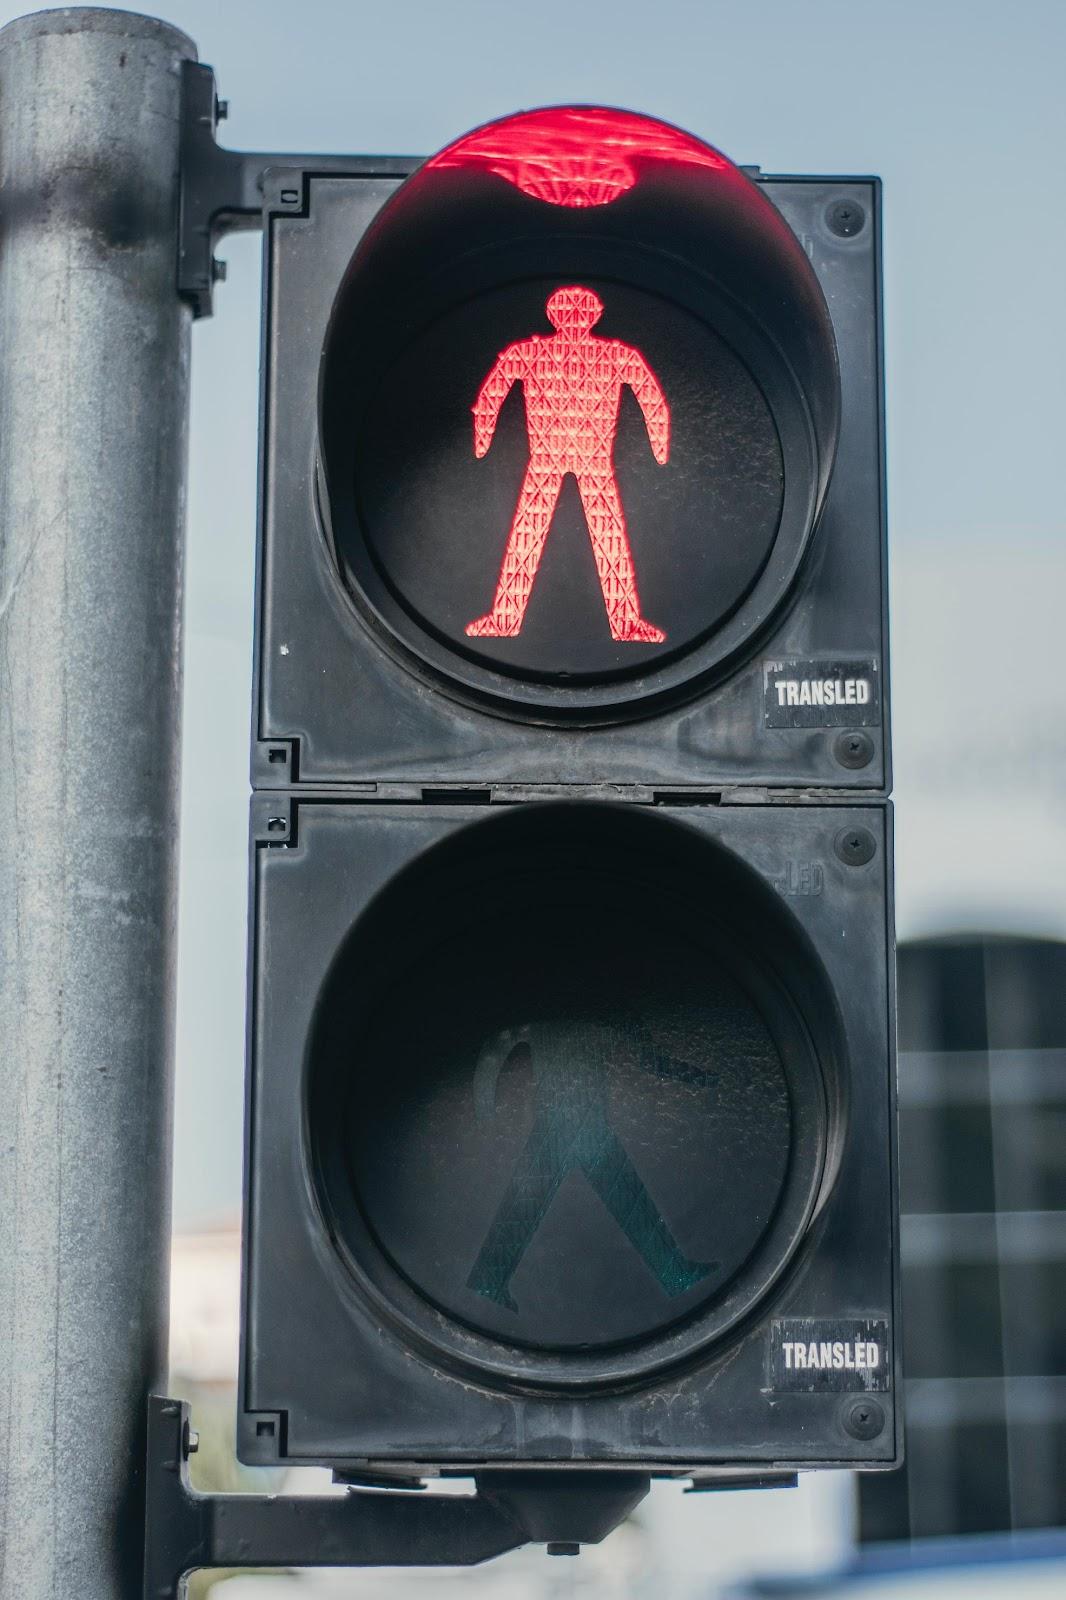 pedestrian walk, don't walk sign